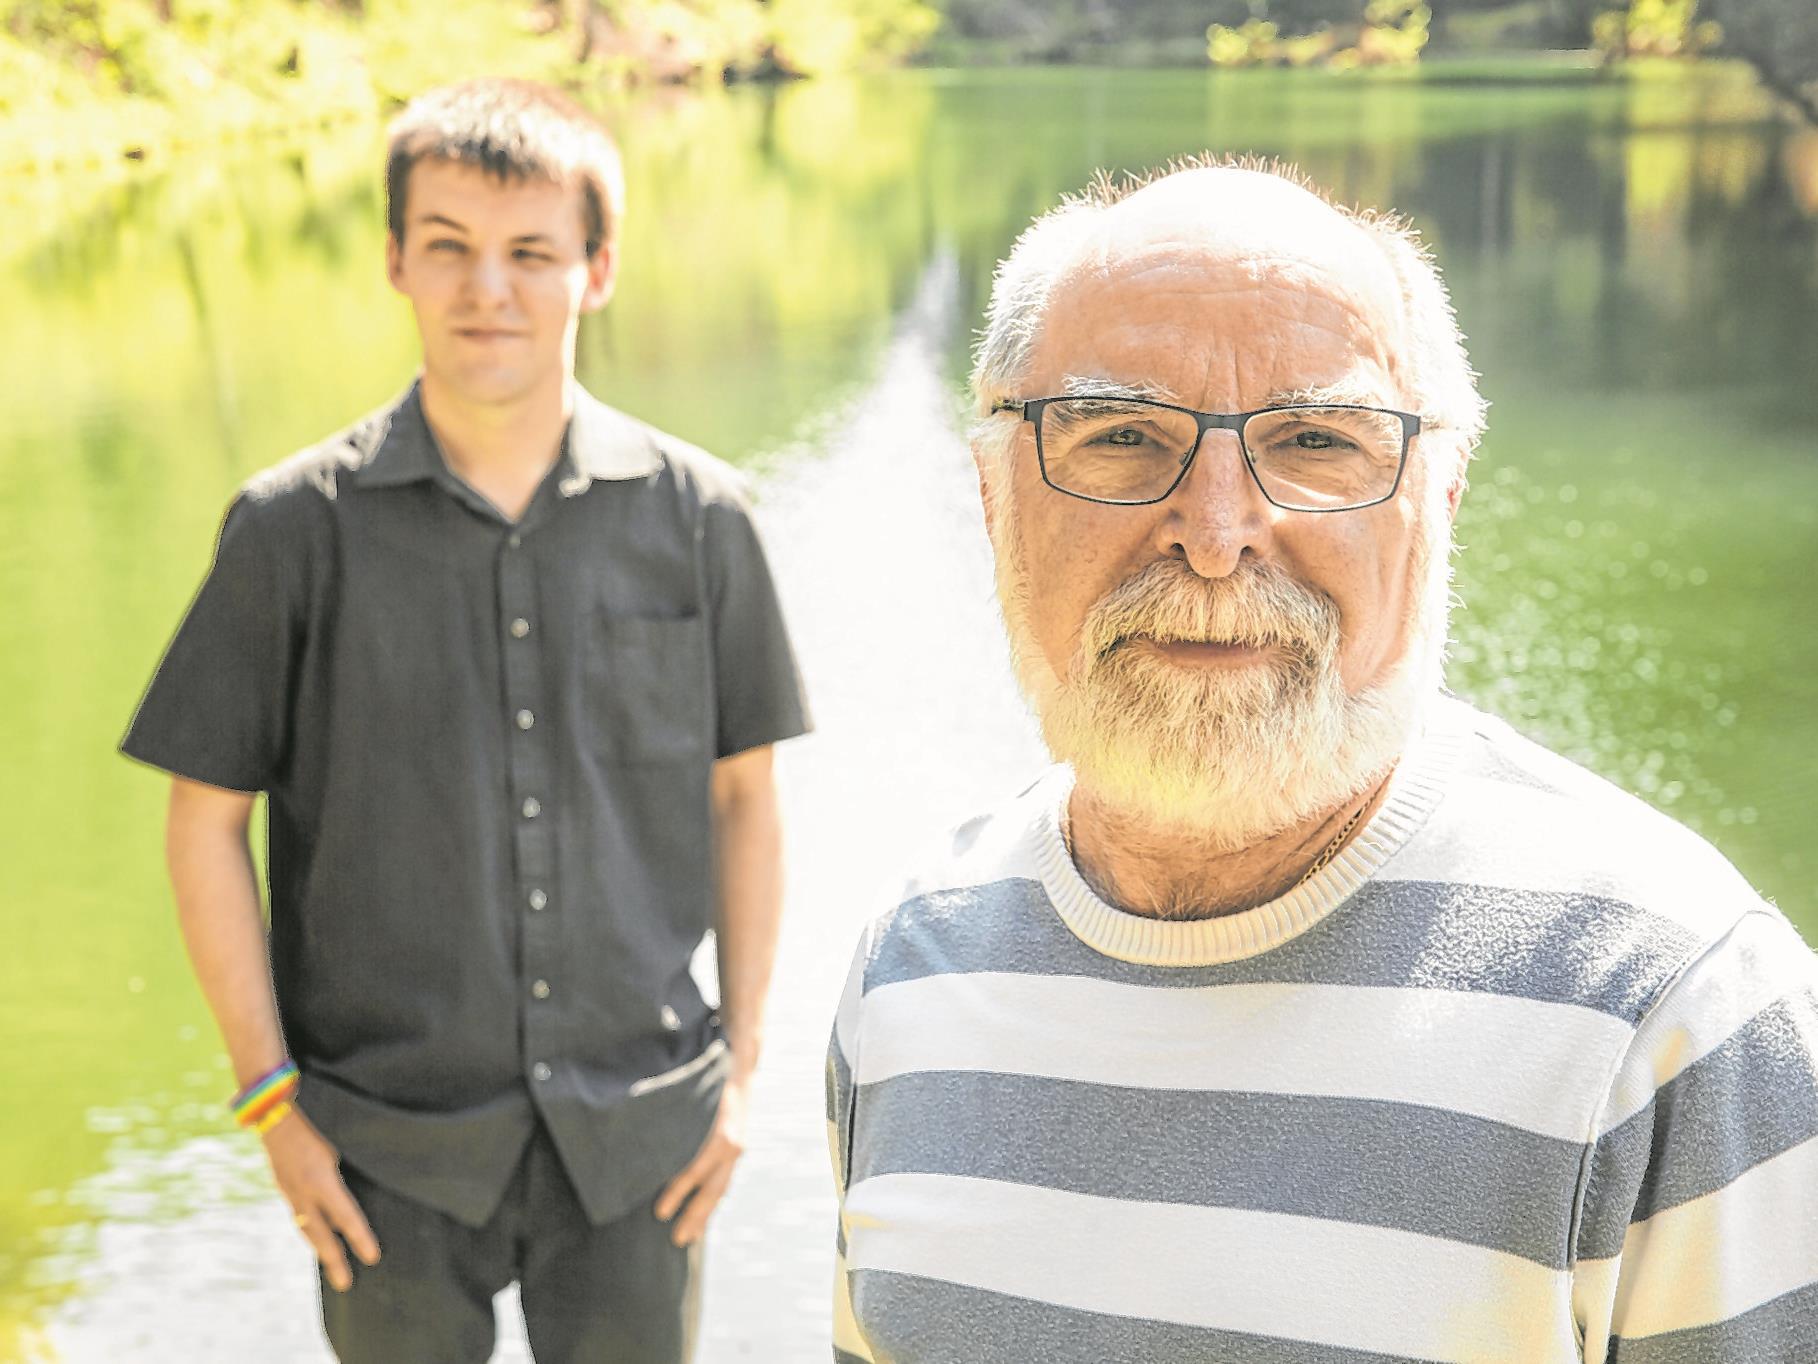 Günther (links) und Josef lernten sich online kennen und leben seit 2014 in einer eingetragenen Partnerschaft.